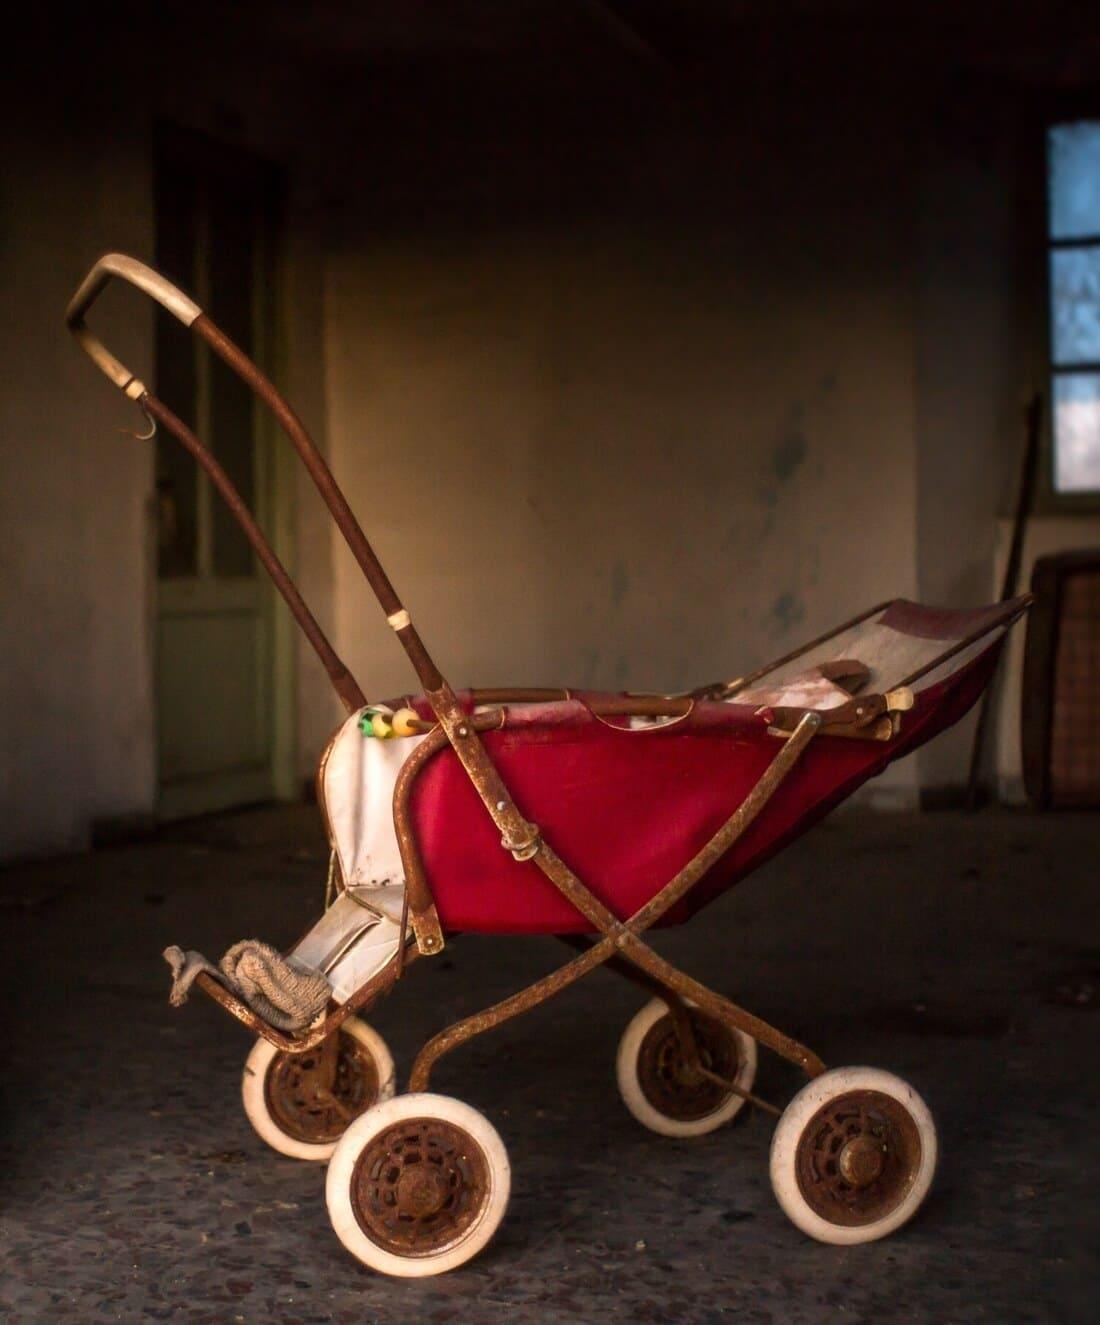 Контекстная реклама в Яндекс Директ ремонт детских колясок - кейс iPapus Agency